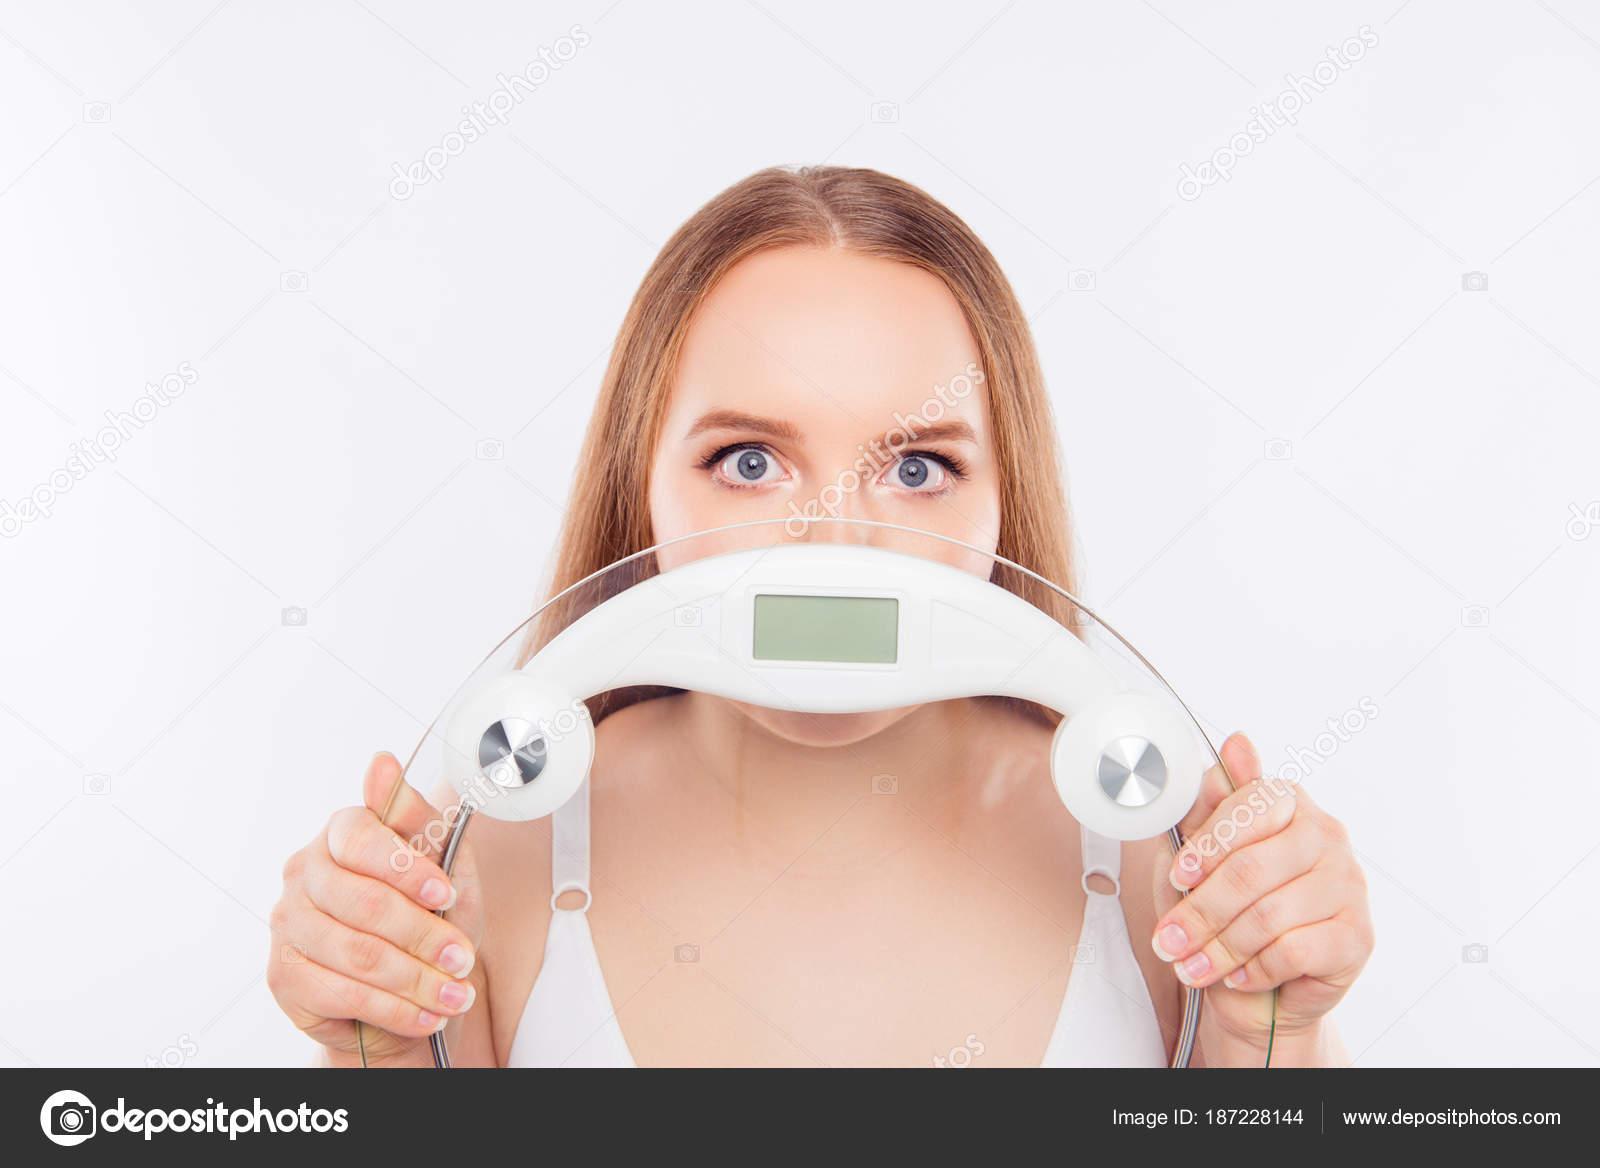 ντροπαλός γυμνό μοντέλο έγκυος μαύρο κορίτσι πορνό